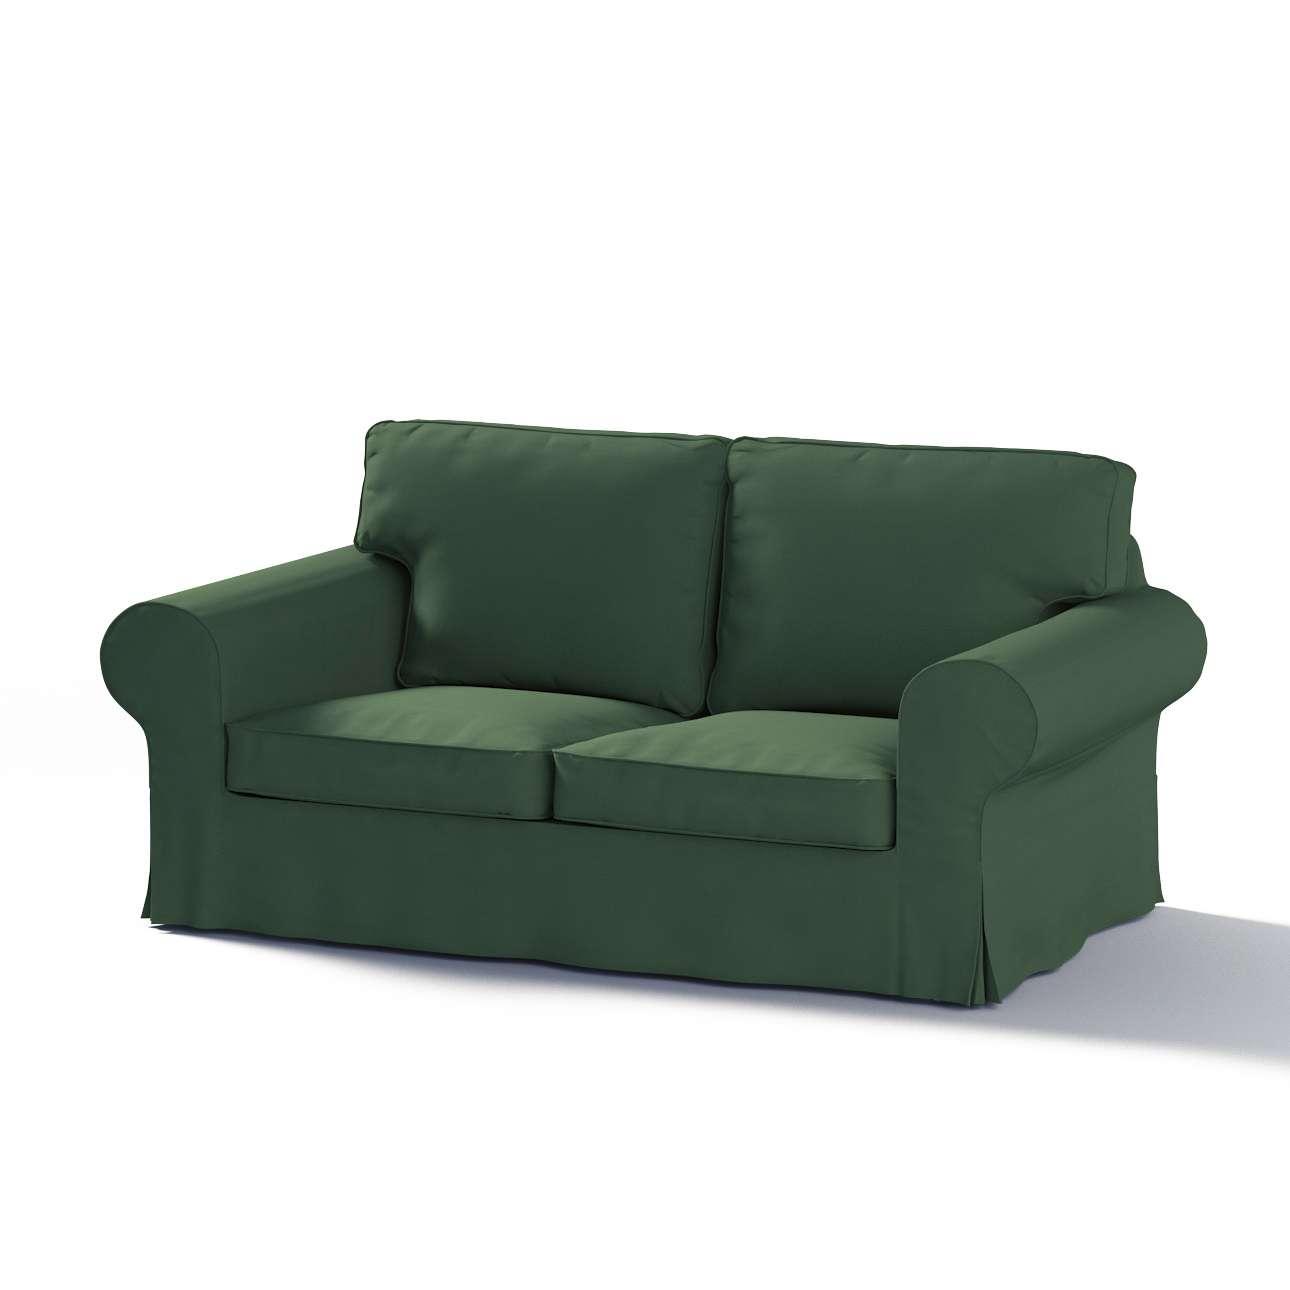 Pokrowiec na sofę Ektorp 2-osobową, rozkładaną, model do 2012 w kolekcji Cotton Panama, tkanina: 702-06